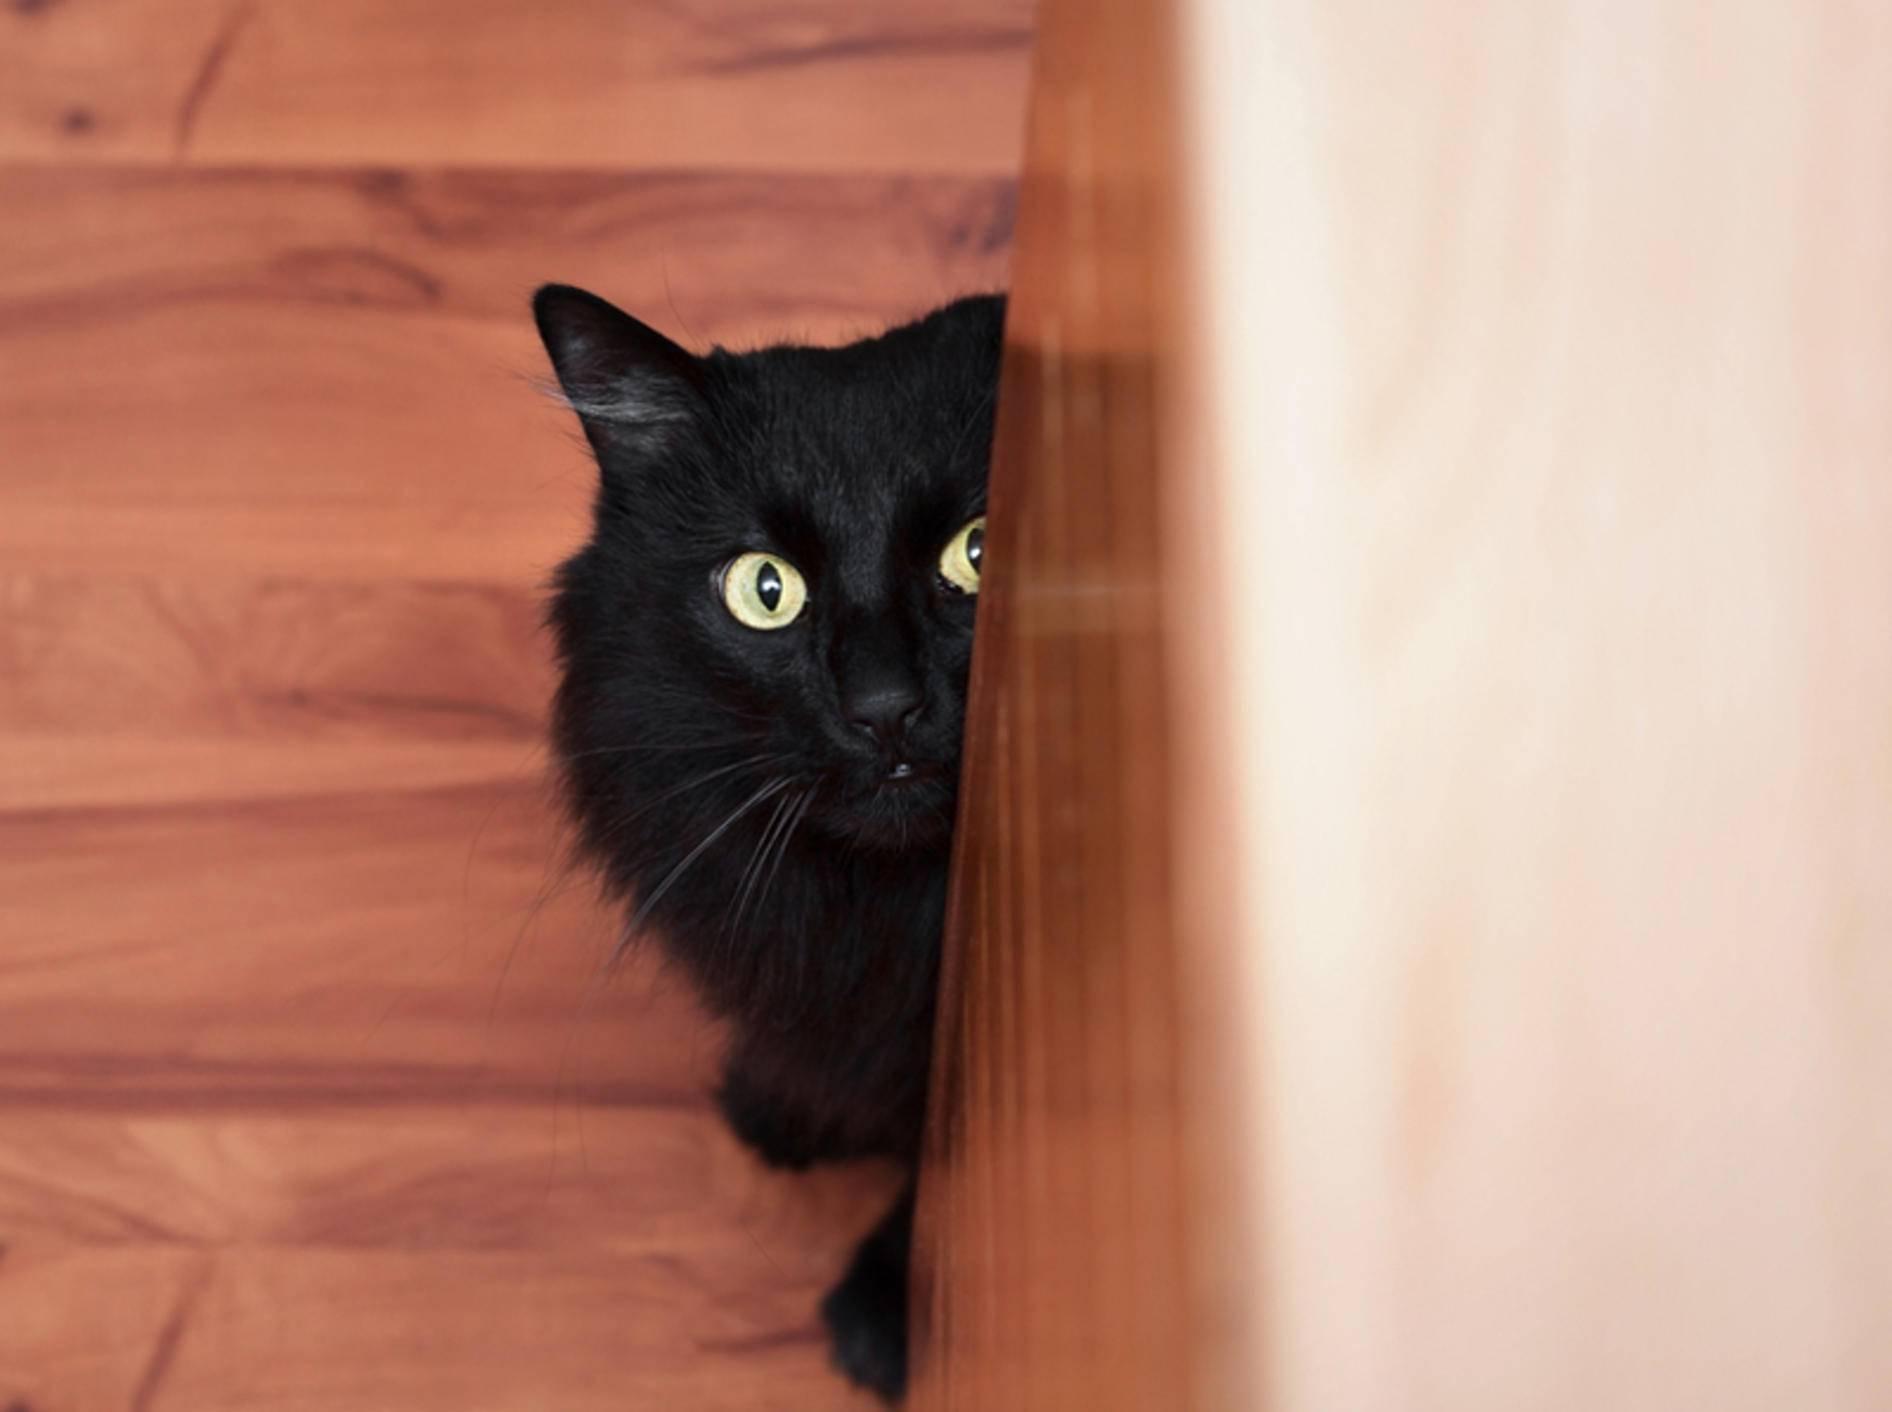 Eine Katze mit Angststörung lässt sich durchaus behandeln. – Bild: Shutterstock / misuma